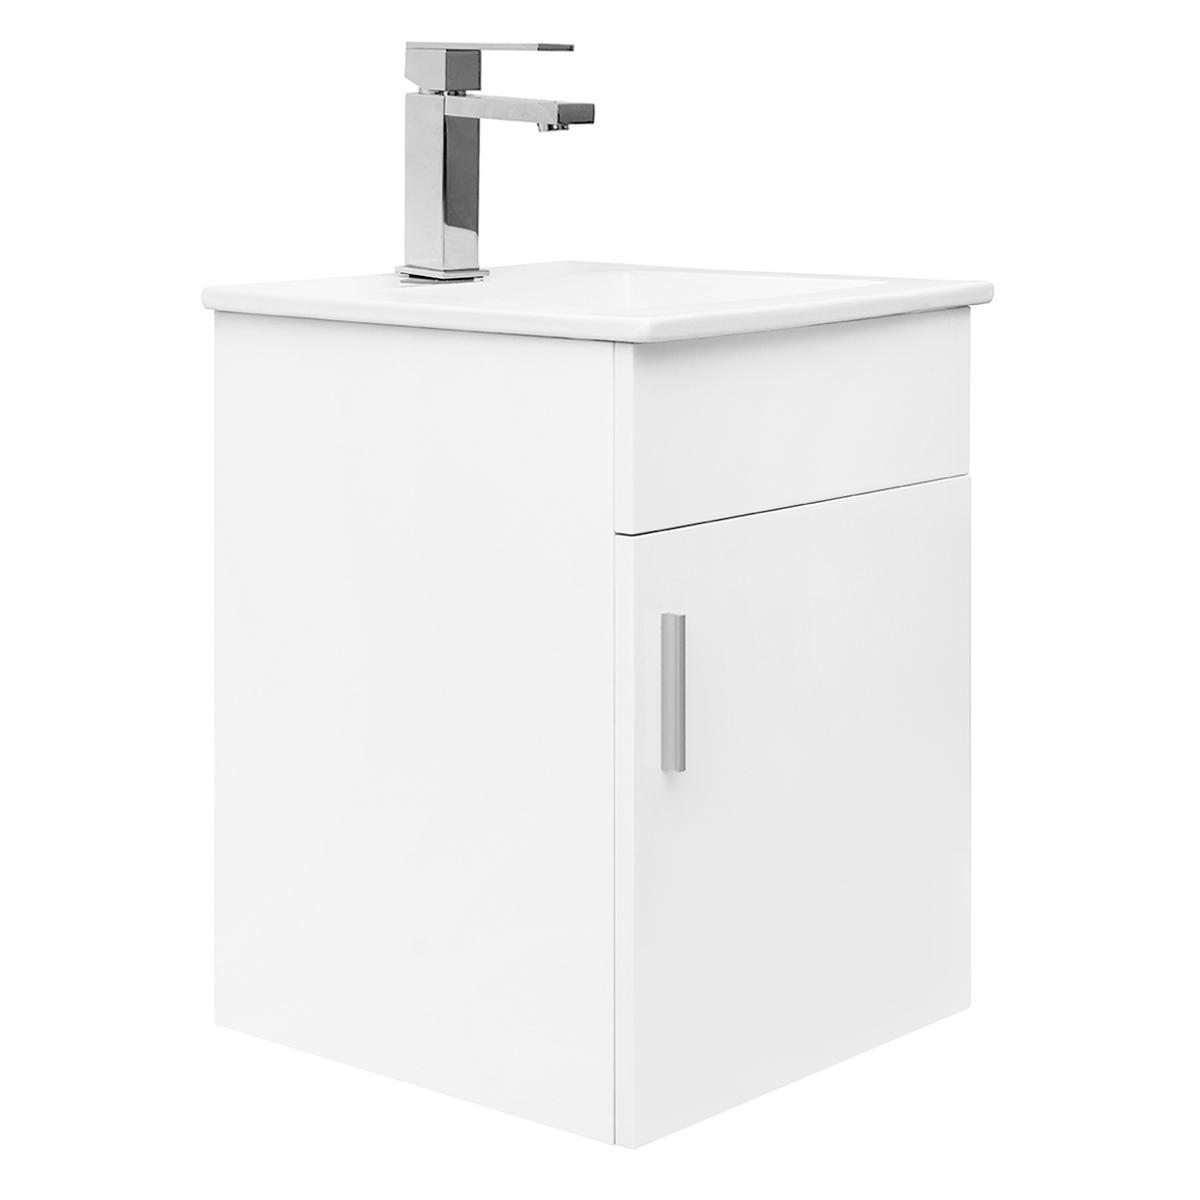 Mueble Para Baño Lhotse - Blanco